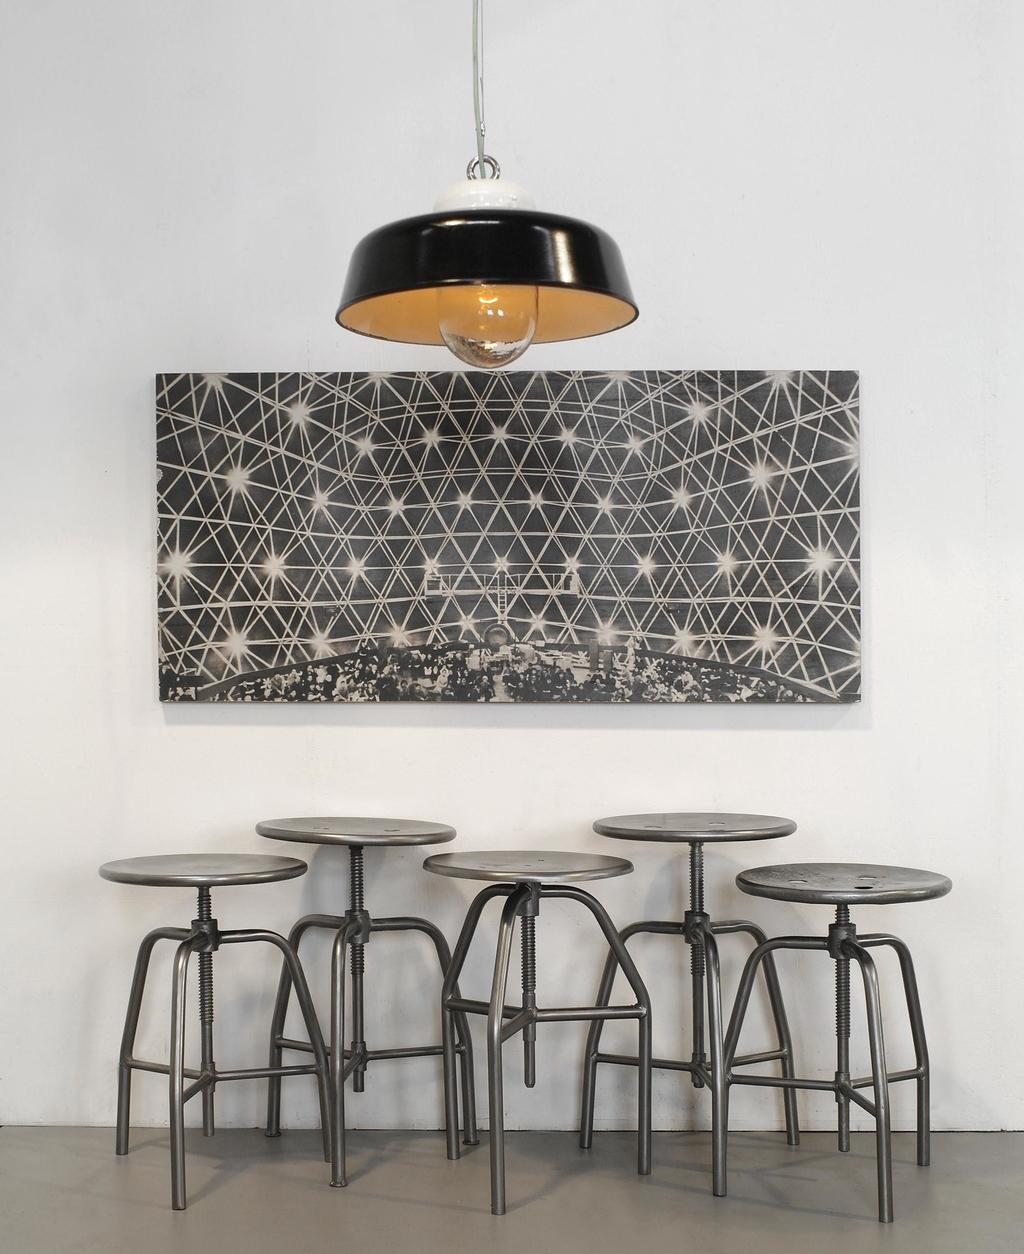 die perfekte küchenlampe: wir zeigen dir beleuchtungsideen